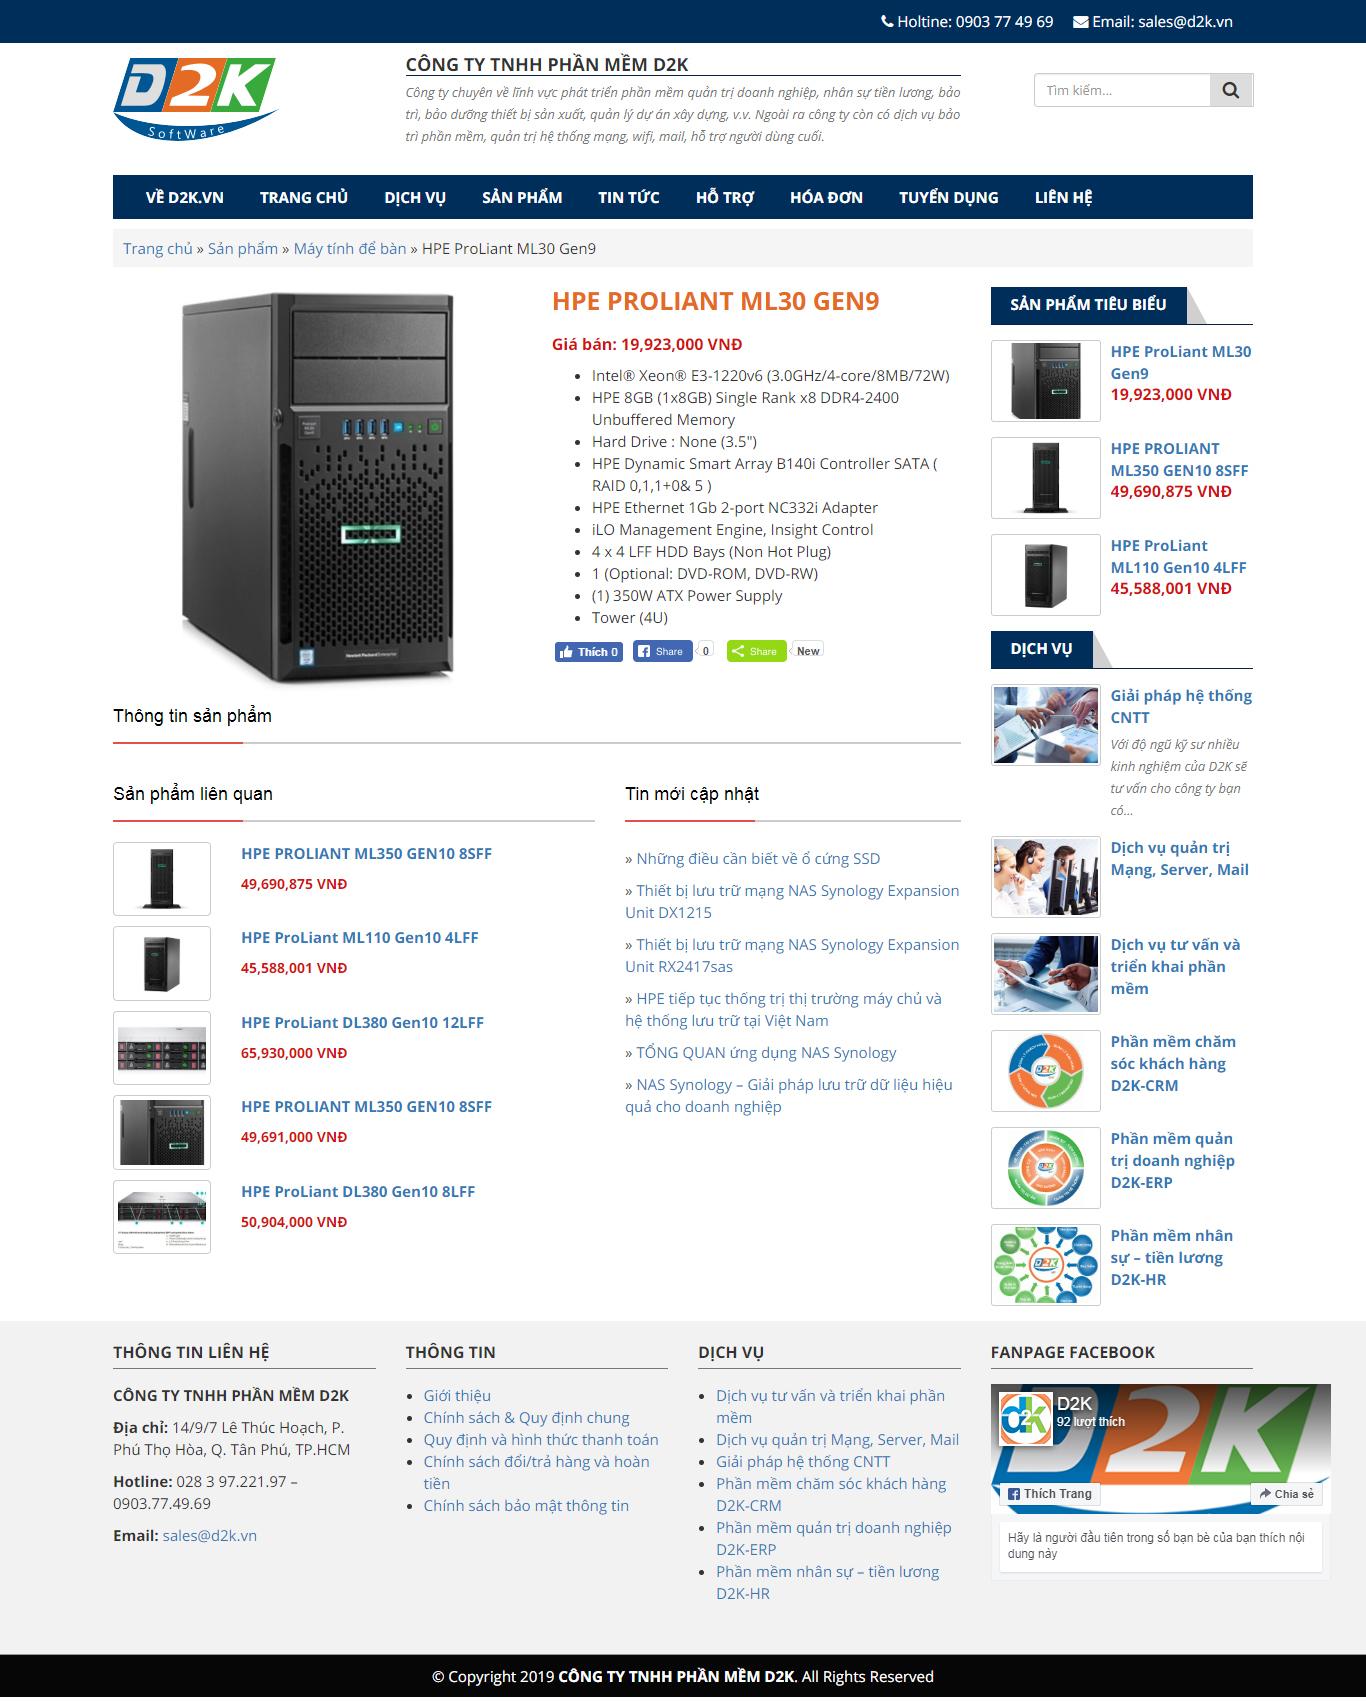 Trang chi tiết sản phẩm trong website